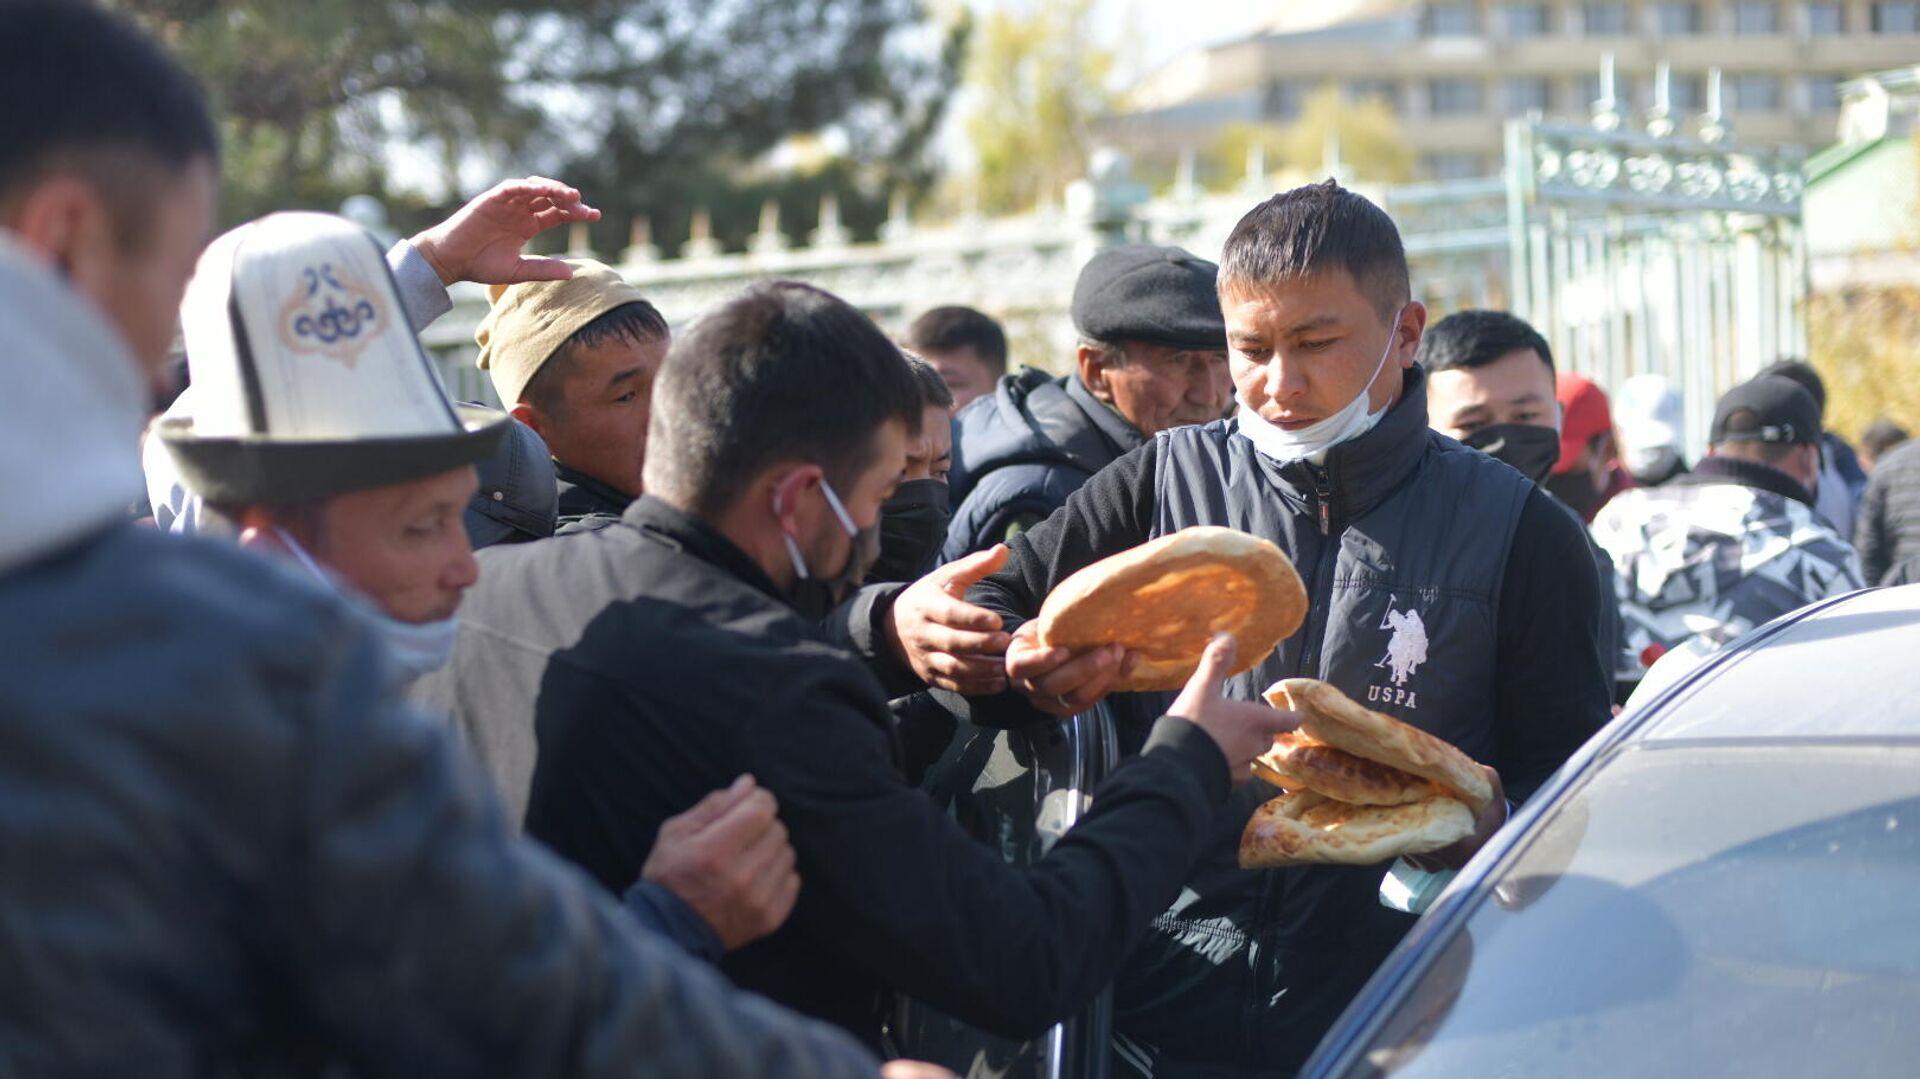 Раздача хлеба митингующим у гостиницы Иссык-Куль в Бишкеке - РИА Новости, 1920, 20.10.2020